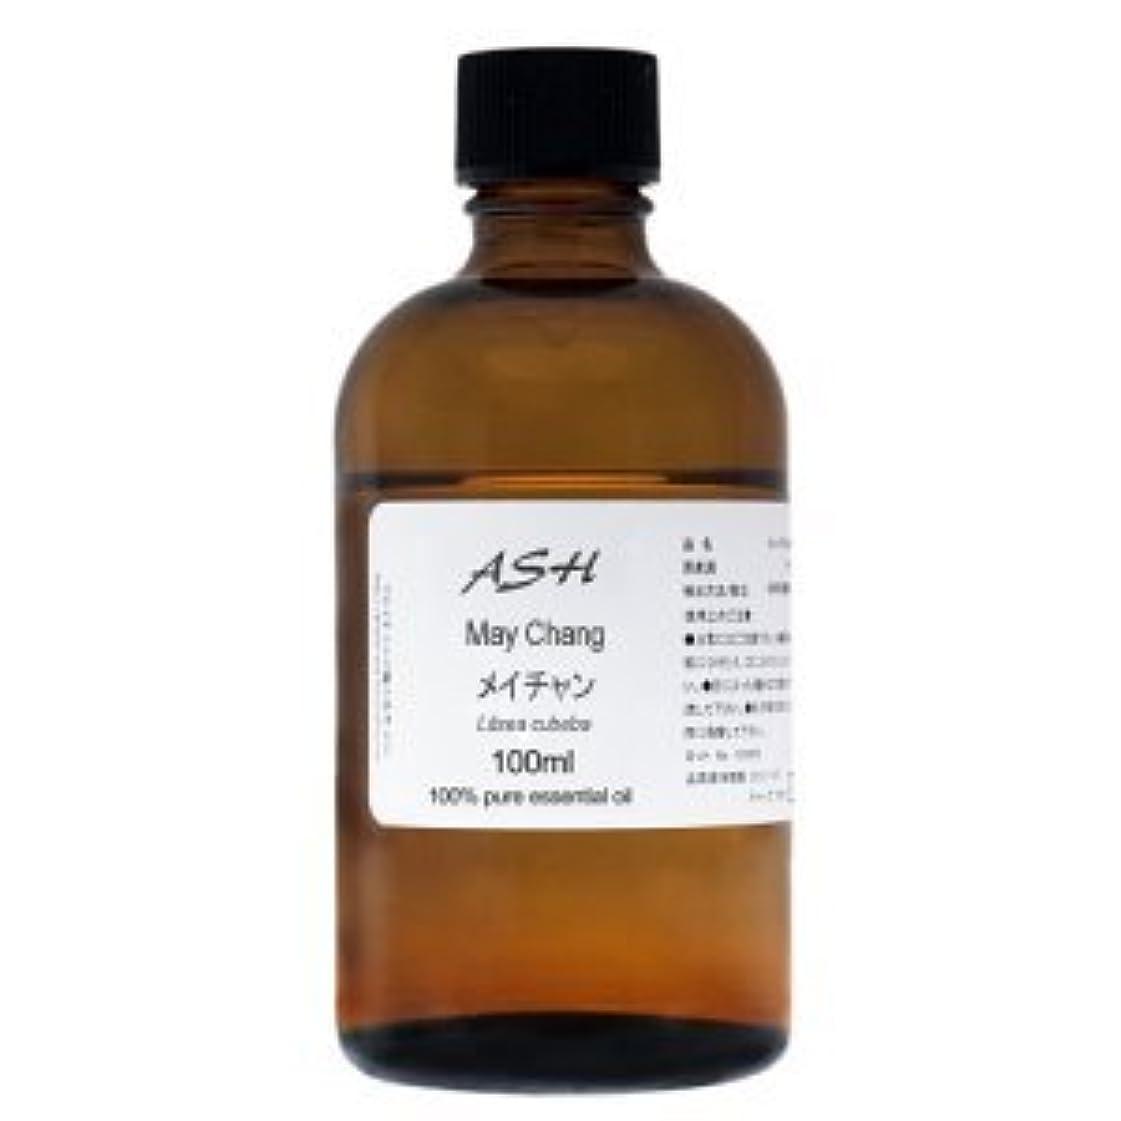 ベジタリアン思い出優先権ASH メイチャン エッセンシャルオイル 100ml AEAJ表示基準適合認定精油